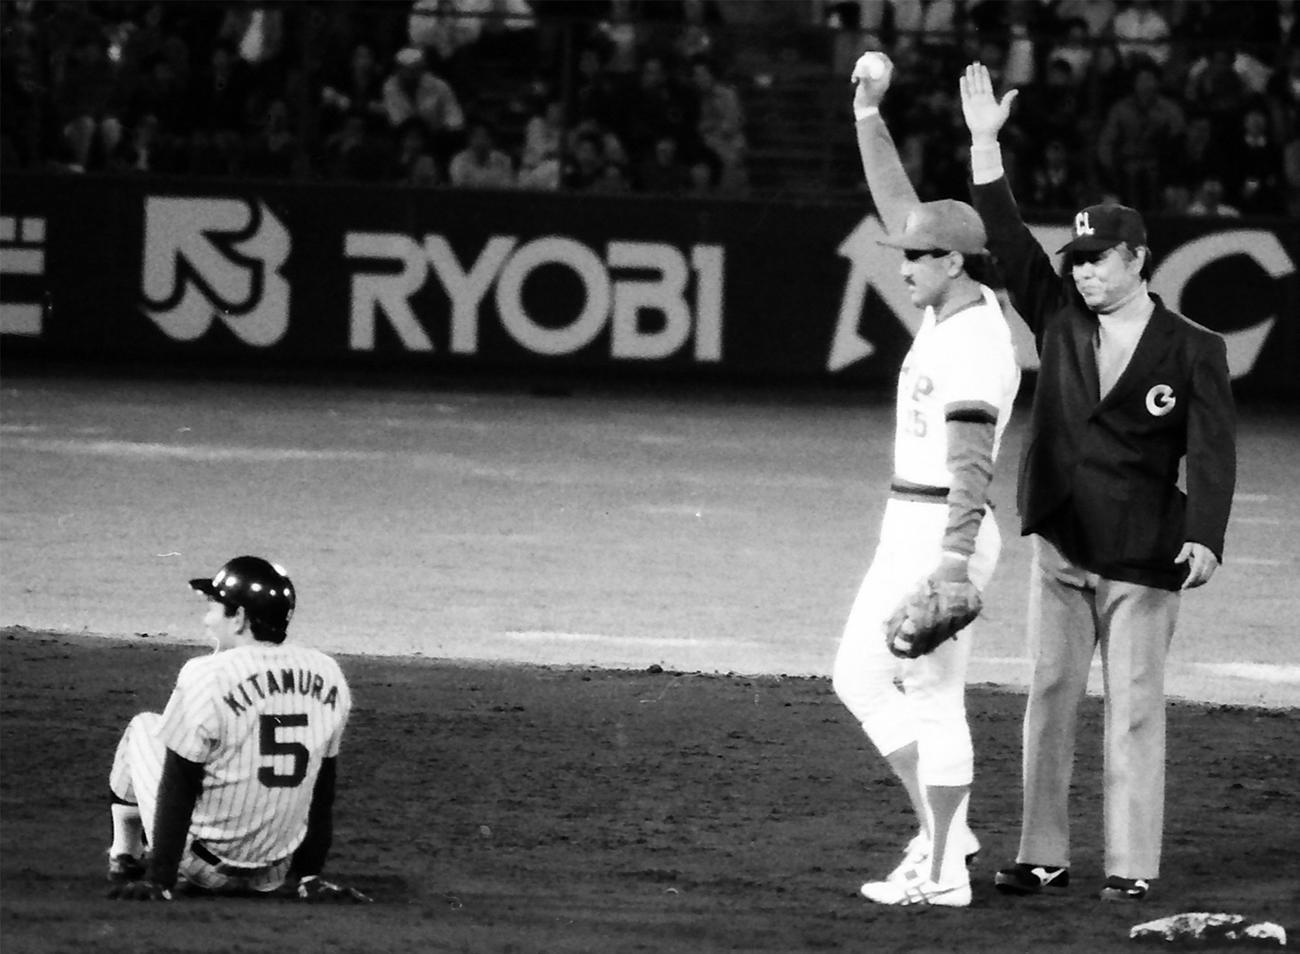 10回表阪神1死二塁、打者弘田澄男のとき、隠し球でアウトになる阪神北村照文。二塁手は広島木下富雄(1985年4月13日撮影)